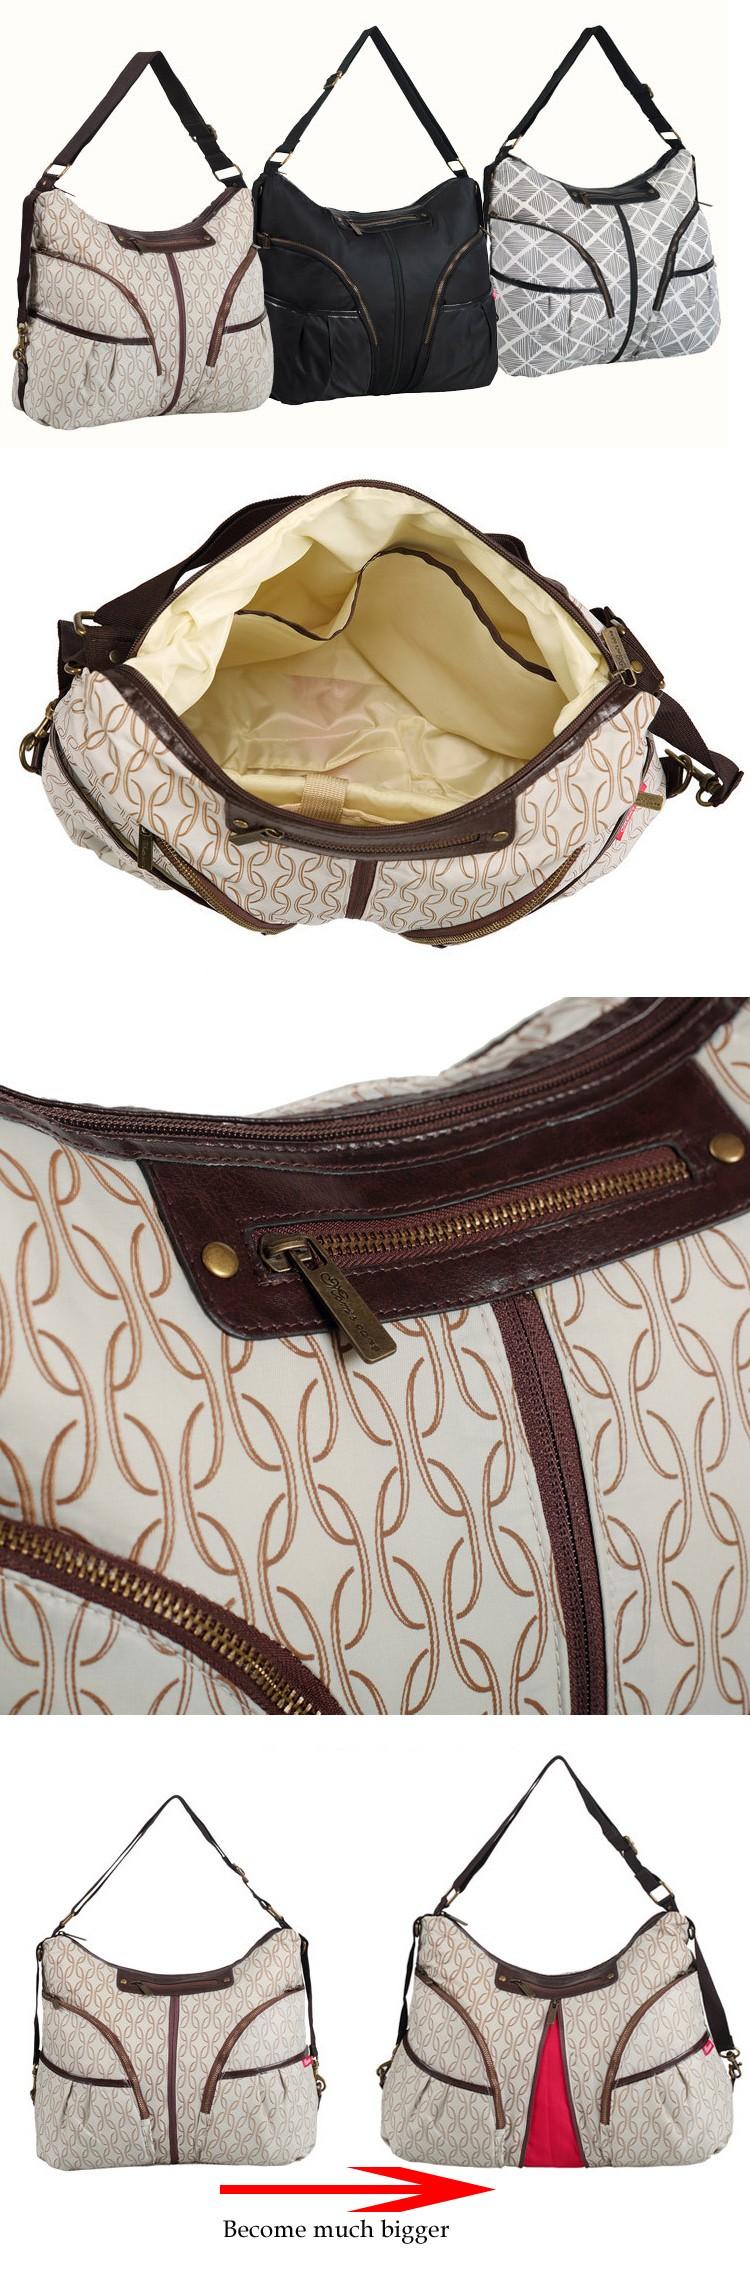 2016 горячая распродажа пеленки младенца сумки беременным мумия мешок для женщин новорожденного сумка большой емкости пеленки мешок